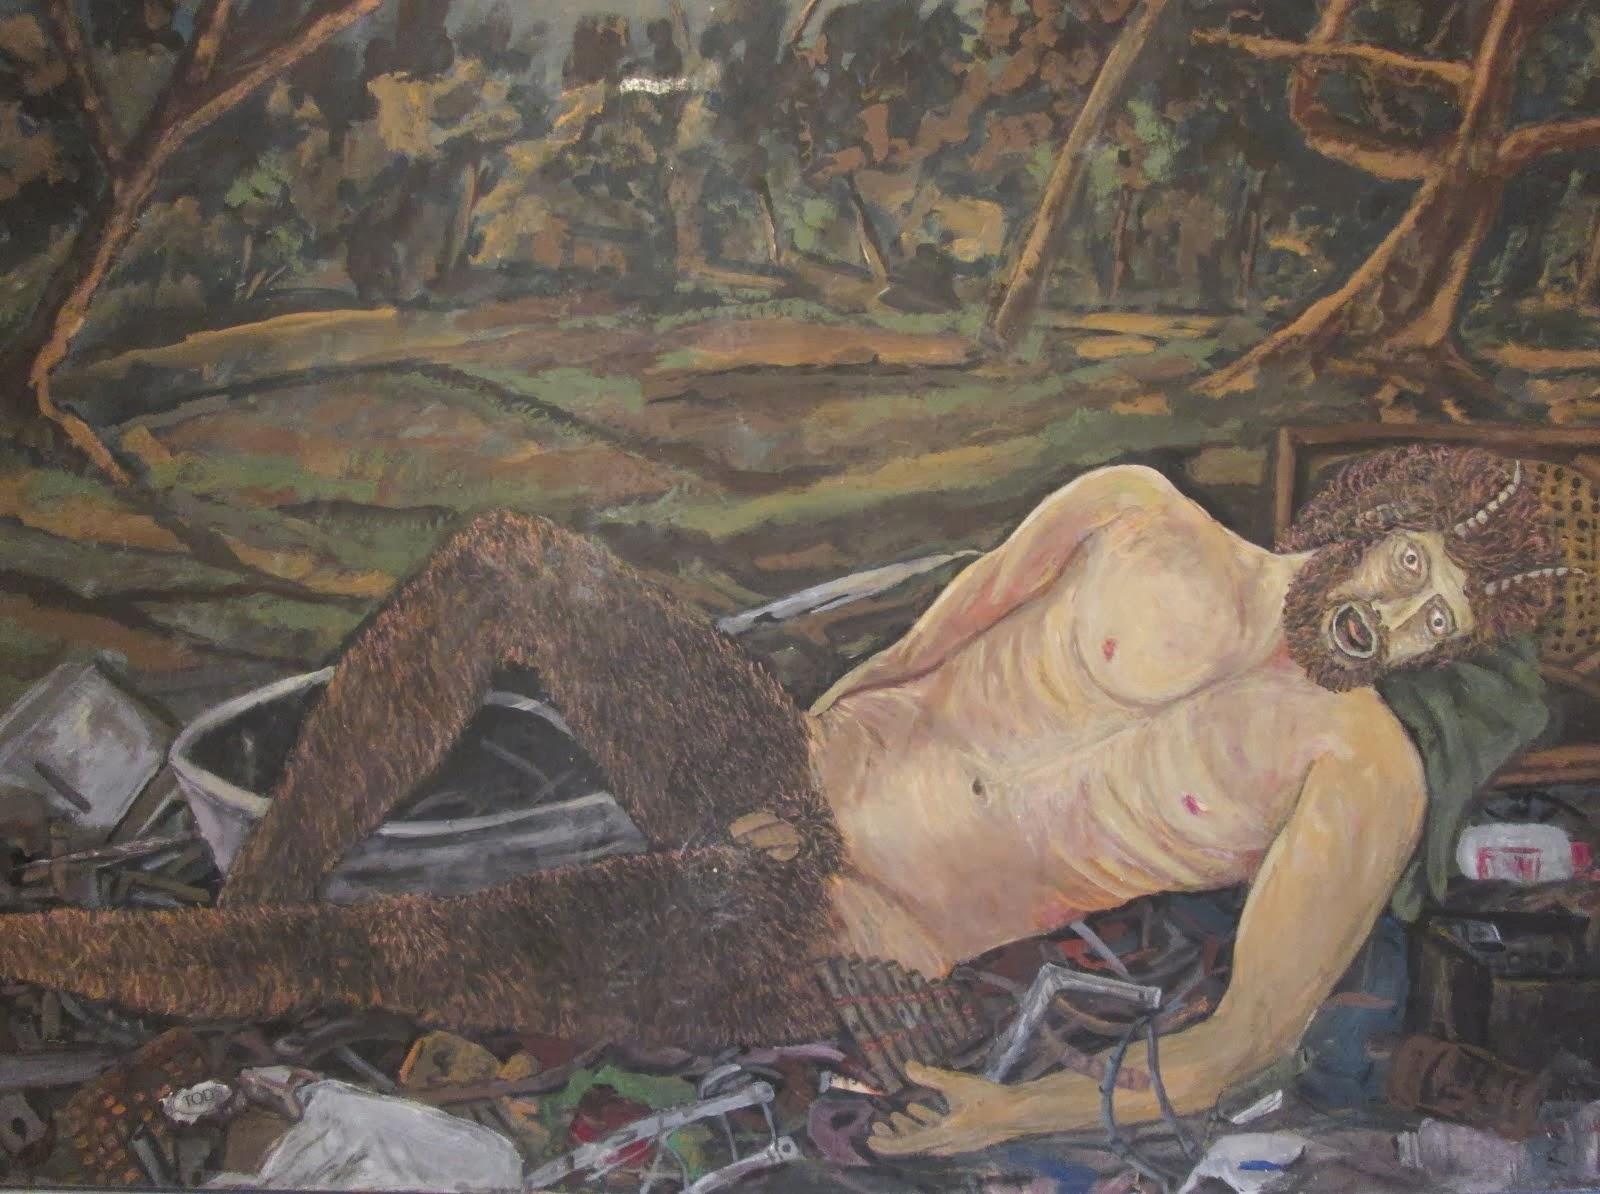 La morte per inquinamento di Pan dio dei boschi